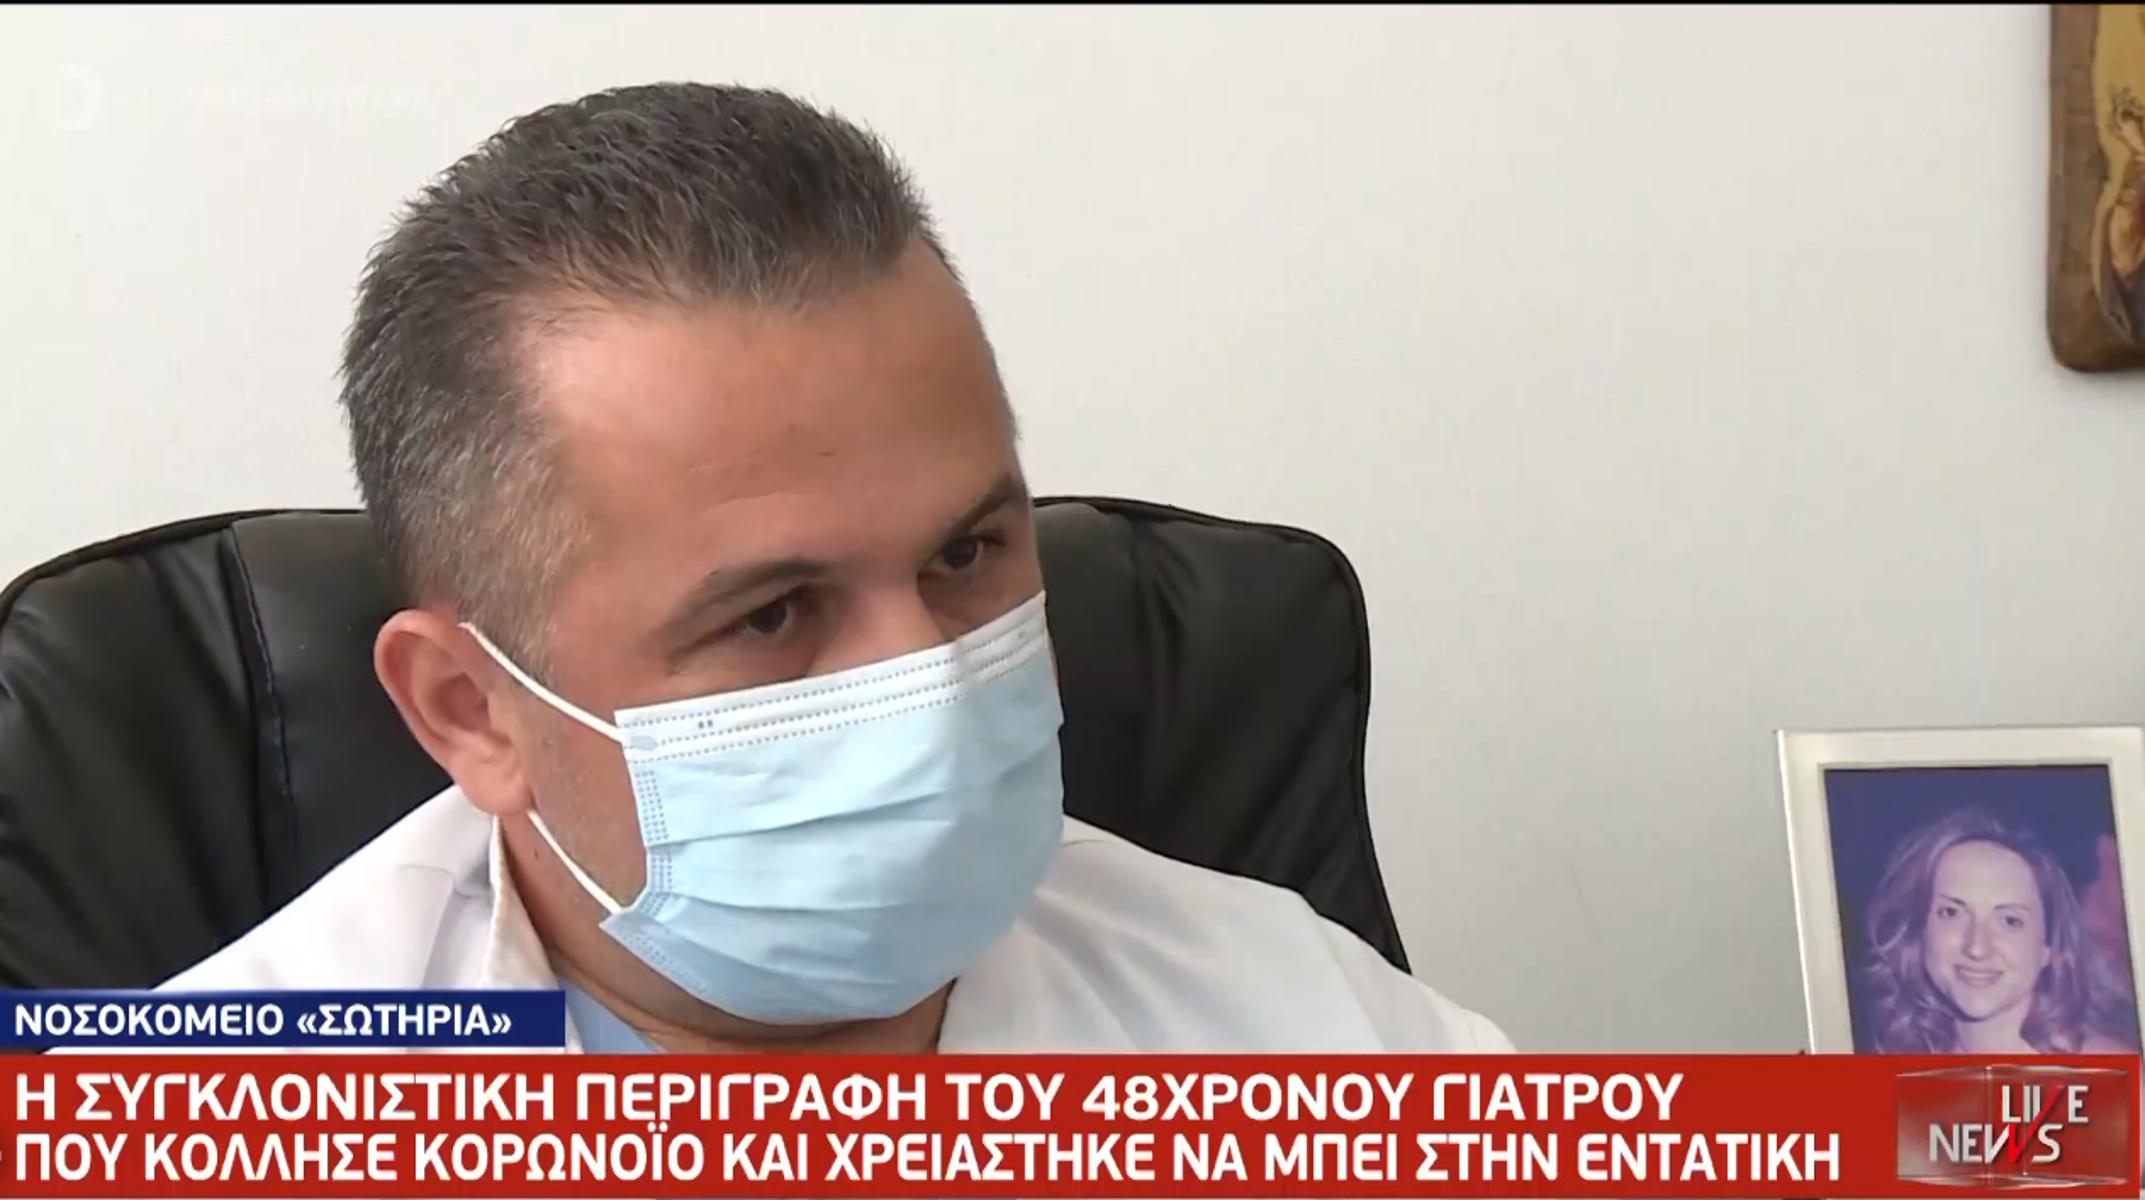 Κορονοϊός: Η μάχη γιατρού 23 μέρες στην εντατική – «Ένιωθα ότι ο θάνατος παραμονεύει»